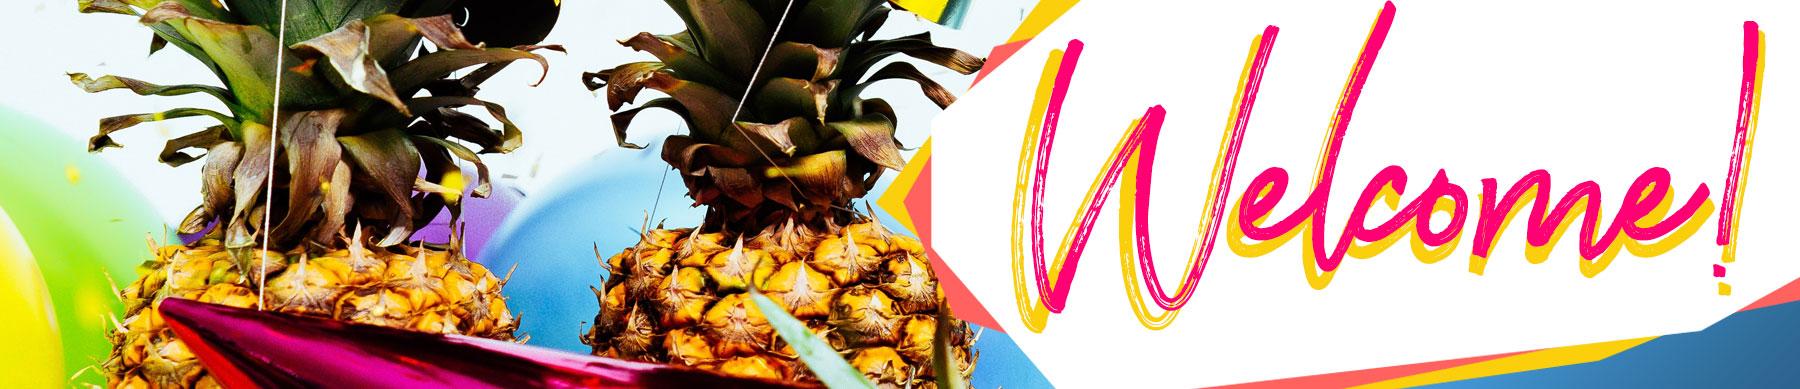 jen-website-pineapple-party-welcome.jpg